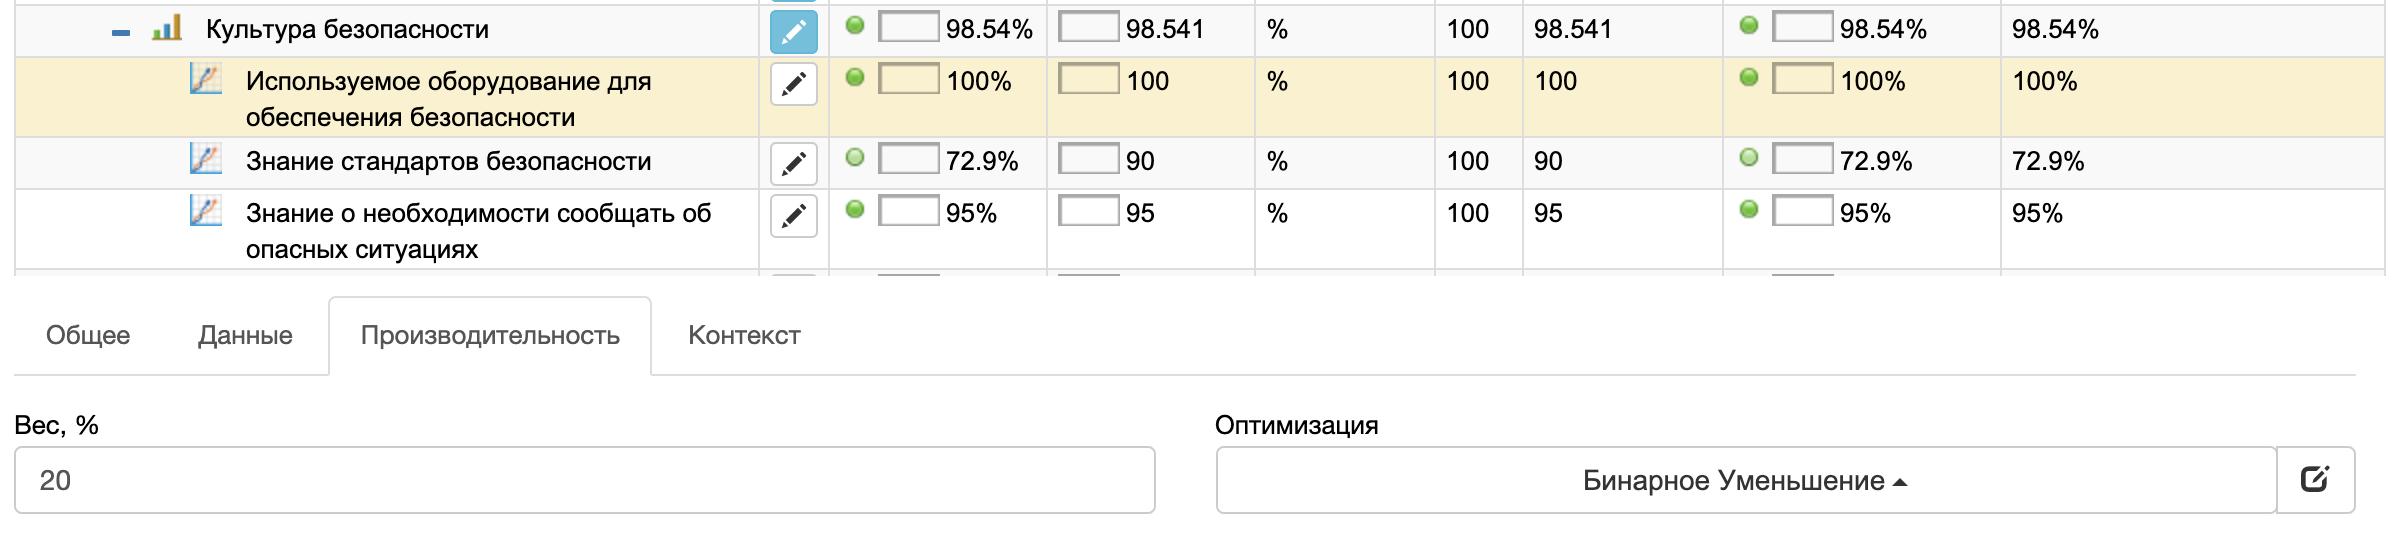 """Бинарная оптимизация KPI """"Используемые средства защиты"""""""